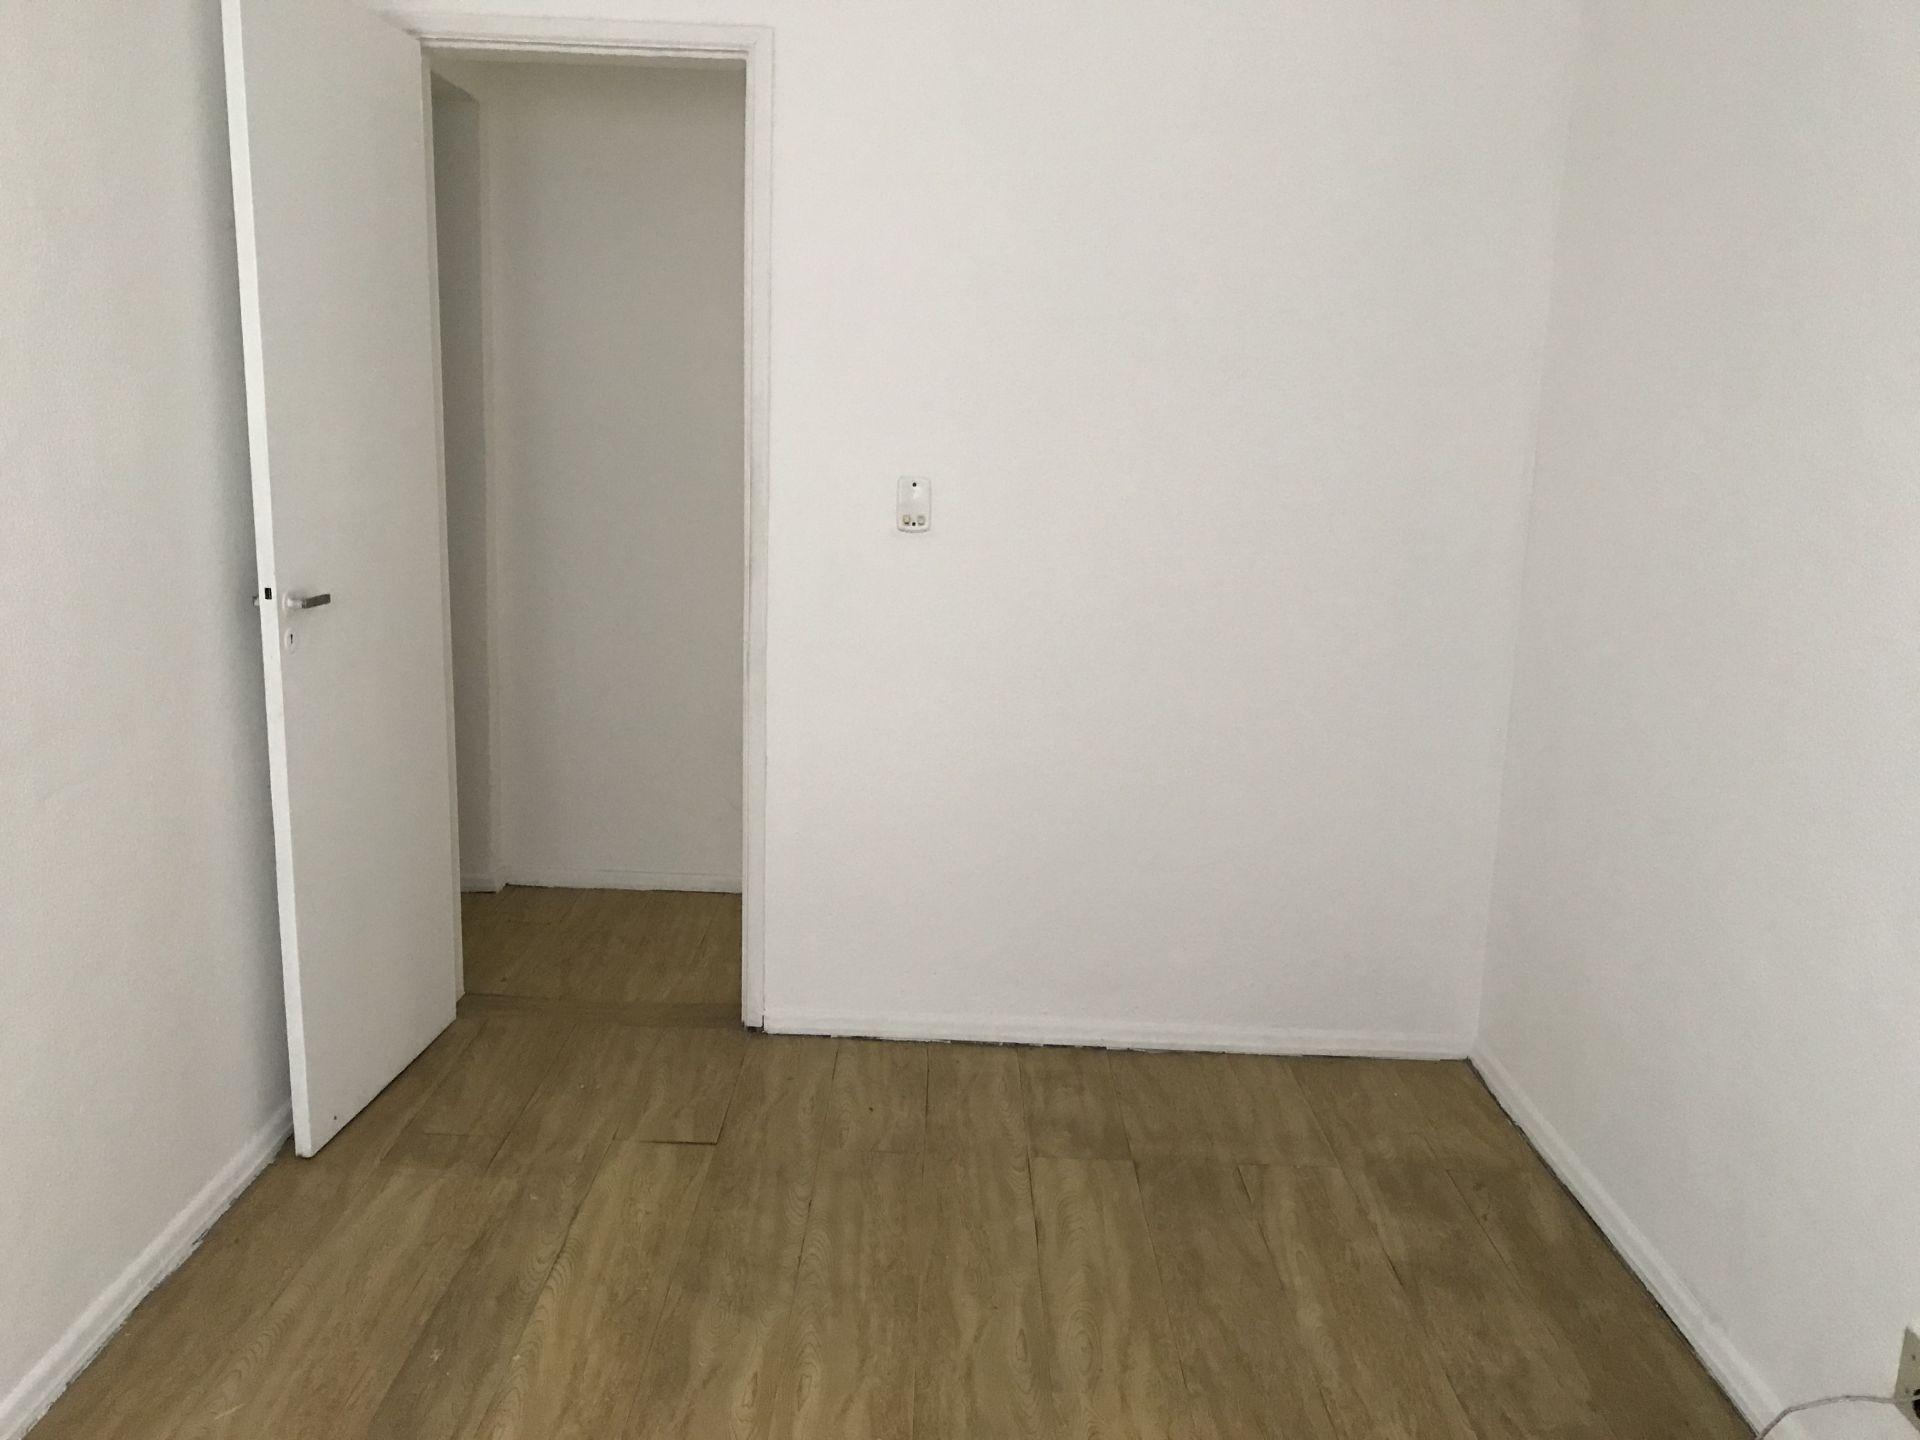 FOTO 8 - Apartamento à venda Rua Paulo Prado,Oswaldo Cruz, Rio de Janeiro - R$ 215.000 - RF134 - 9